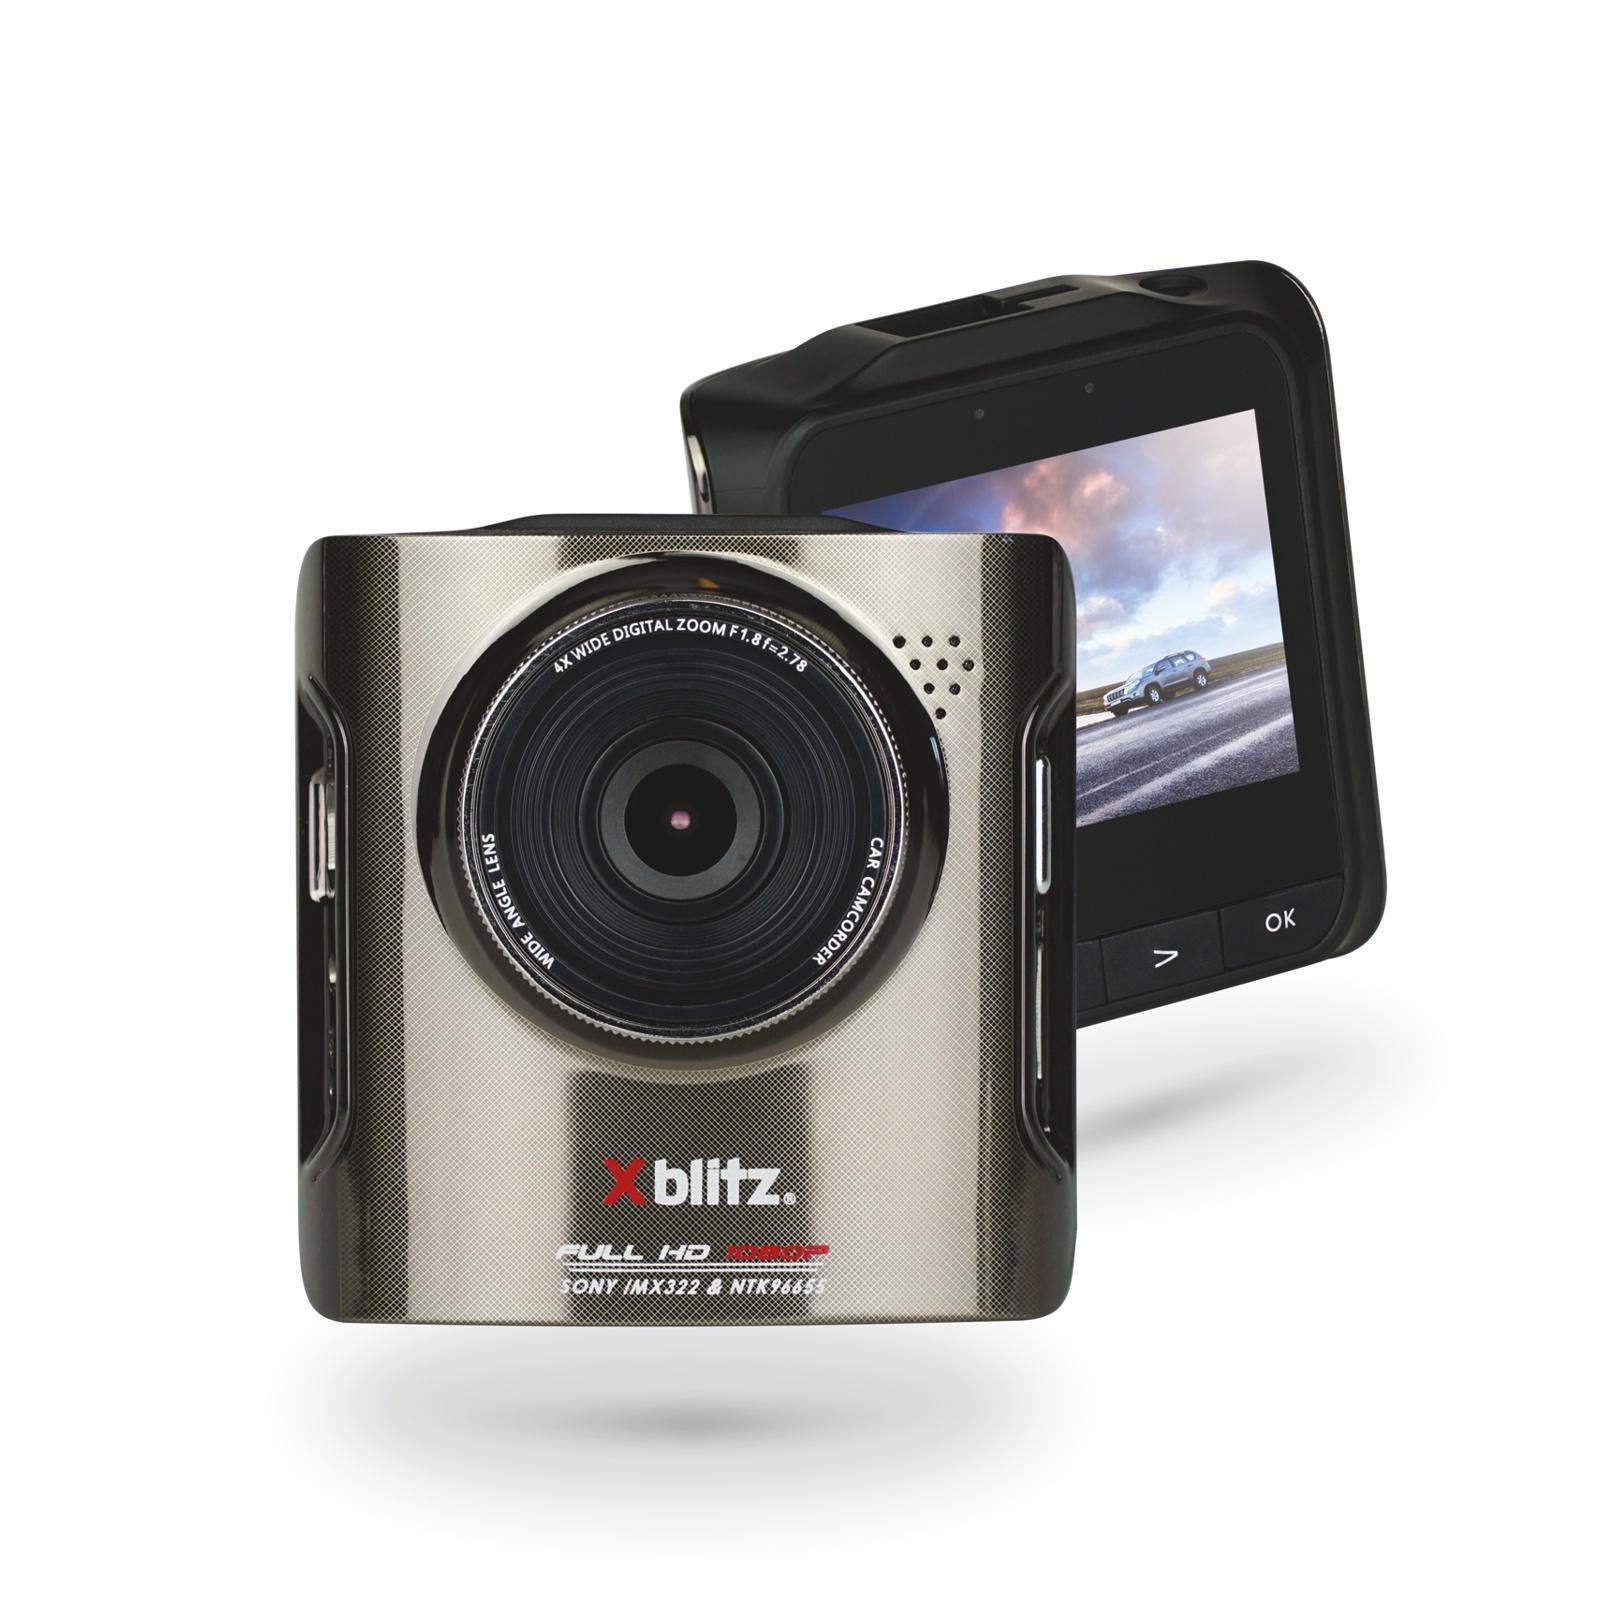 P100 XBLITZ Videoformat: MOV, Videoauflösung: 1920x1080, Bildschirmdiagonale: 2,7Zoll, microSD Blickwinkel: 170° Dashcam P100 günstig kaufen